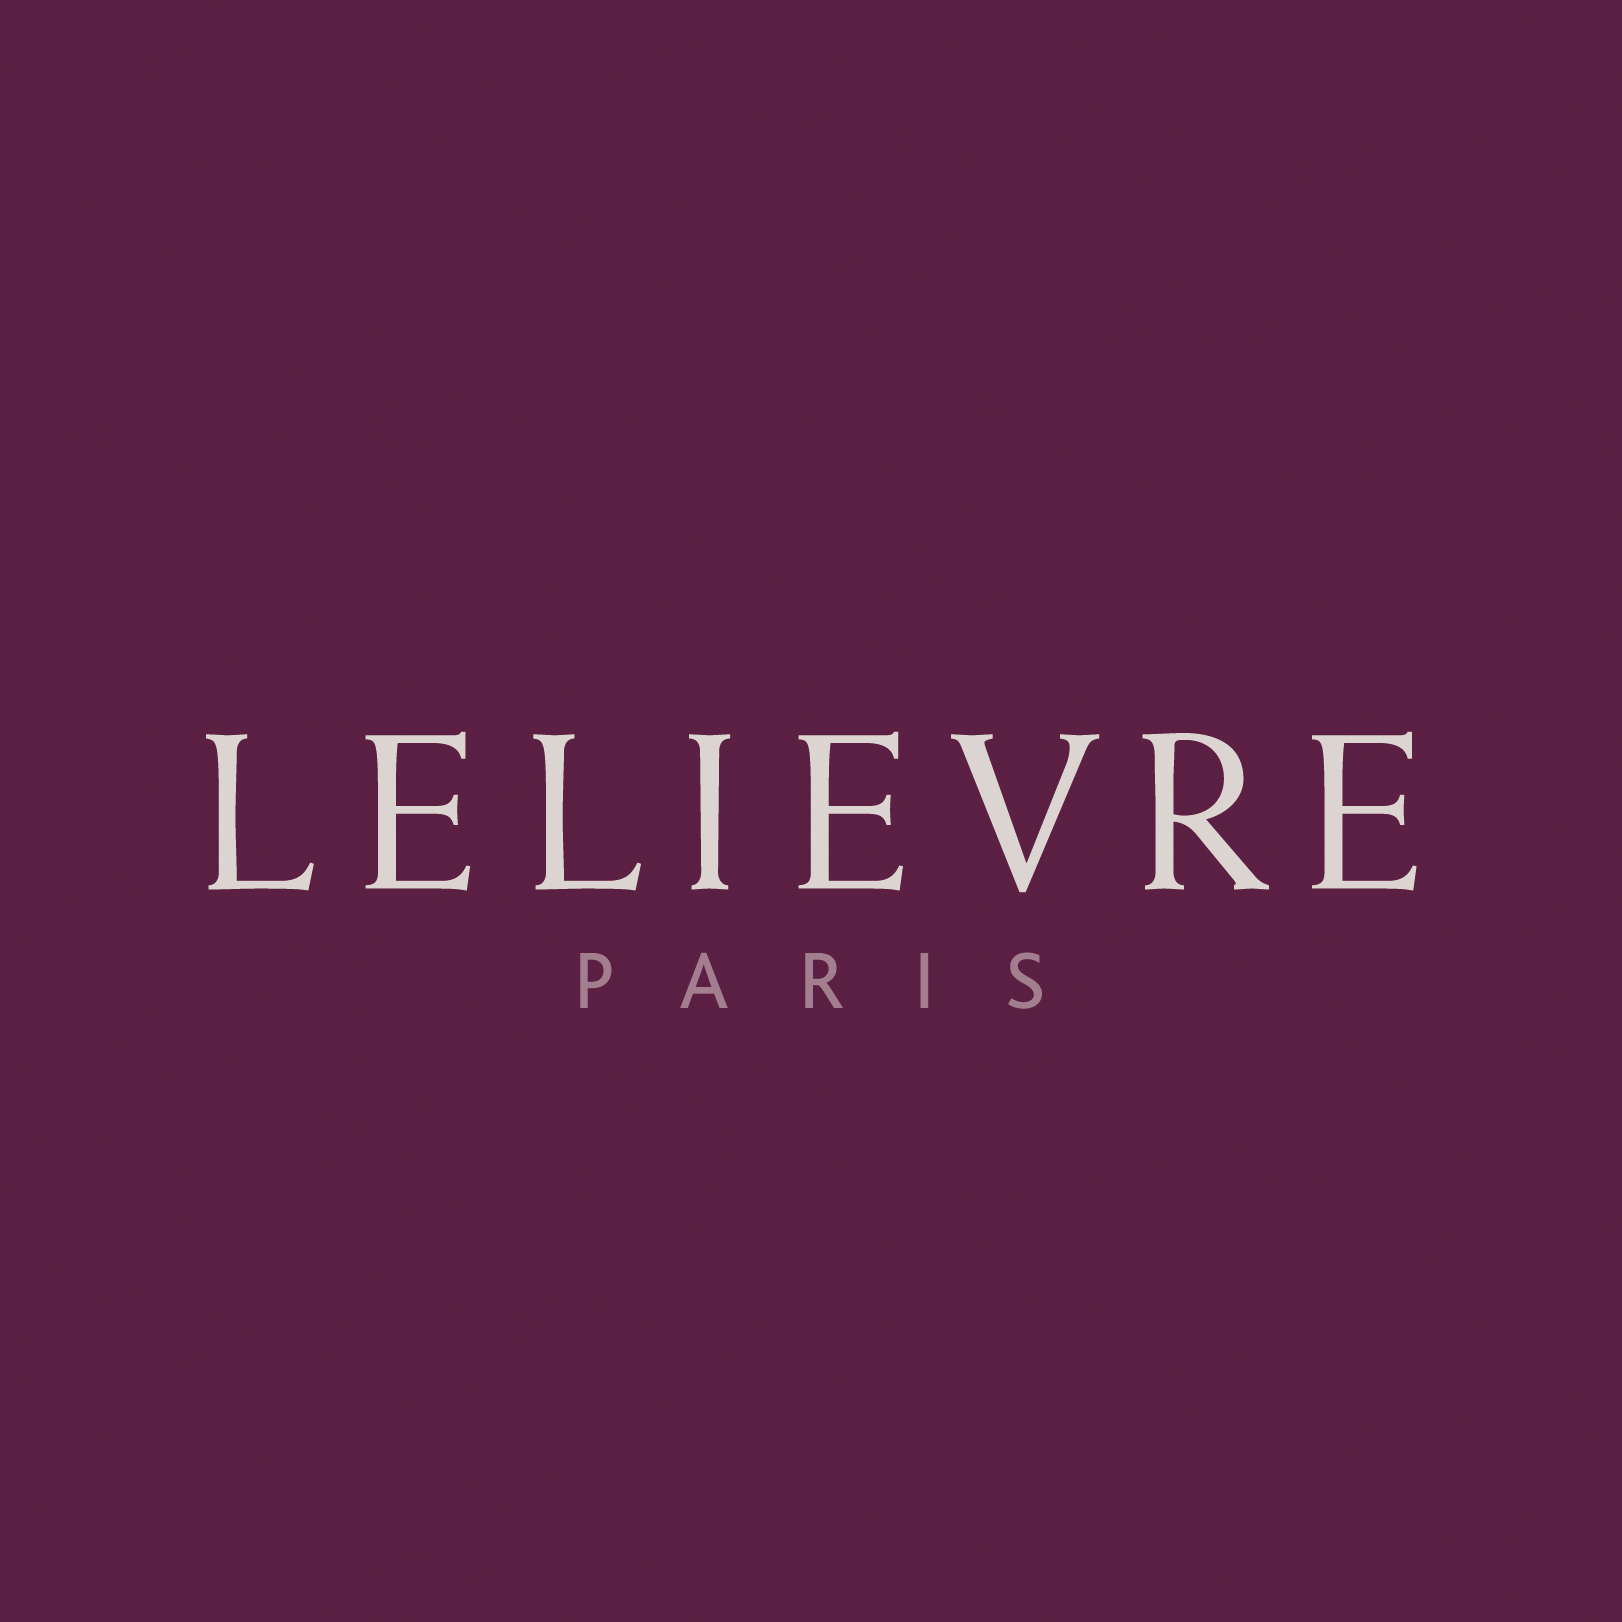 Lelievre Paris